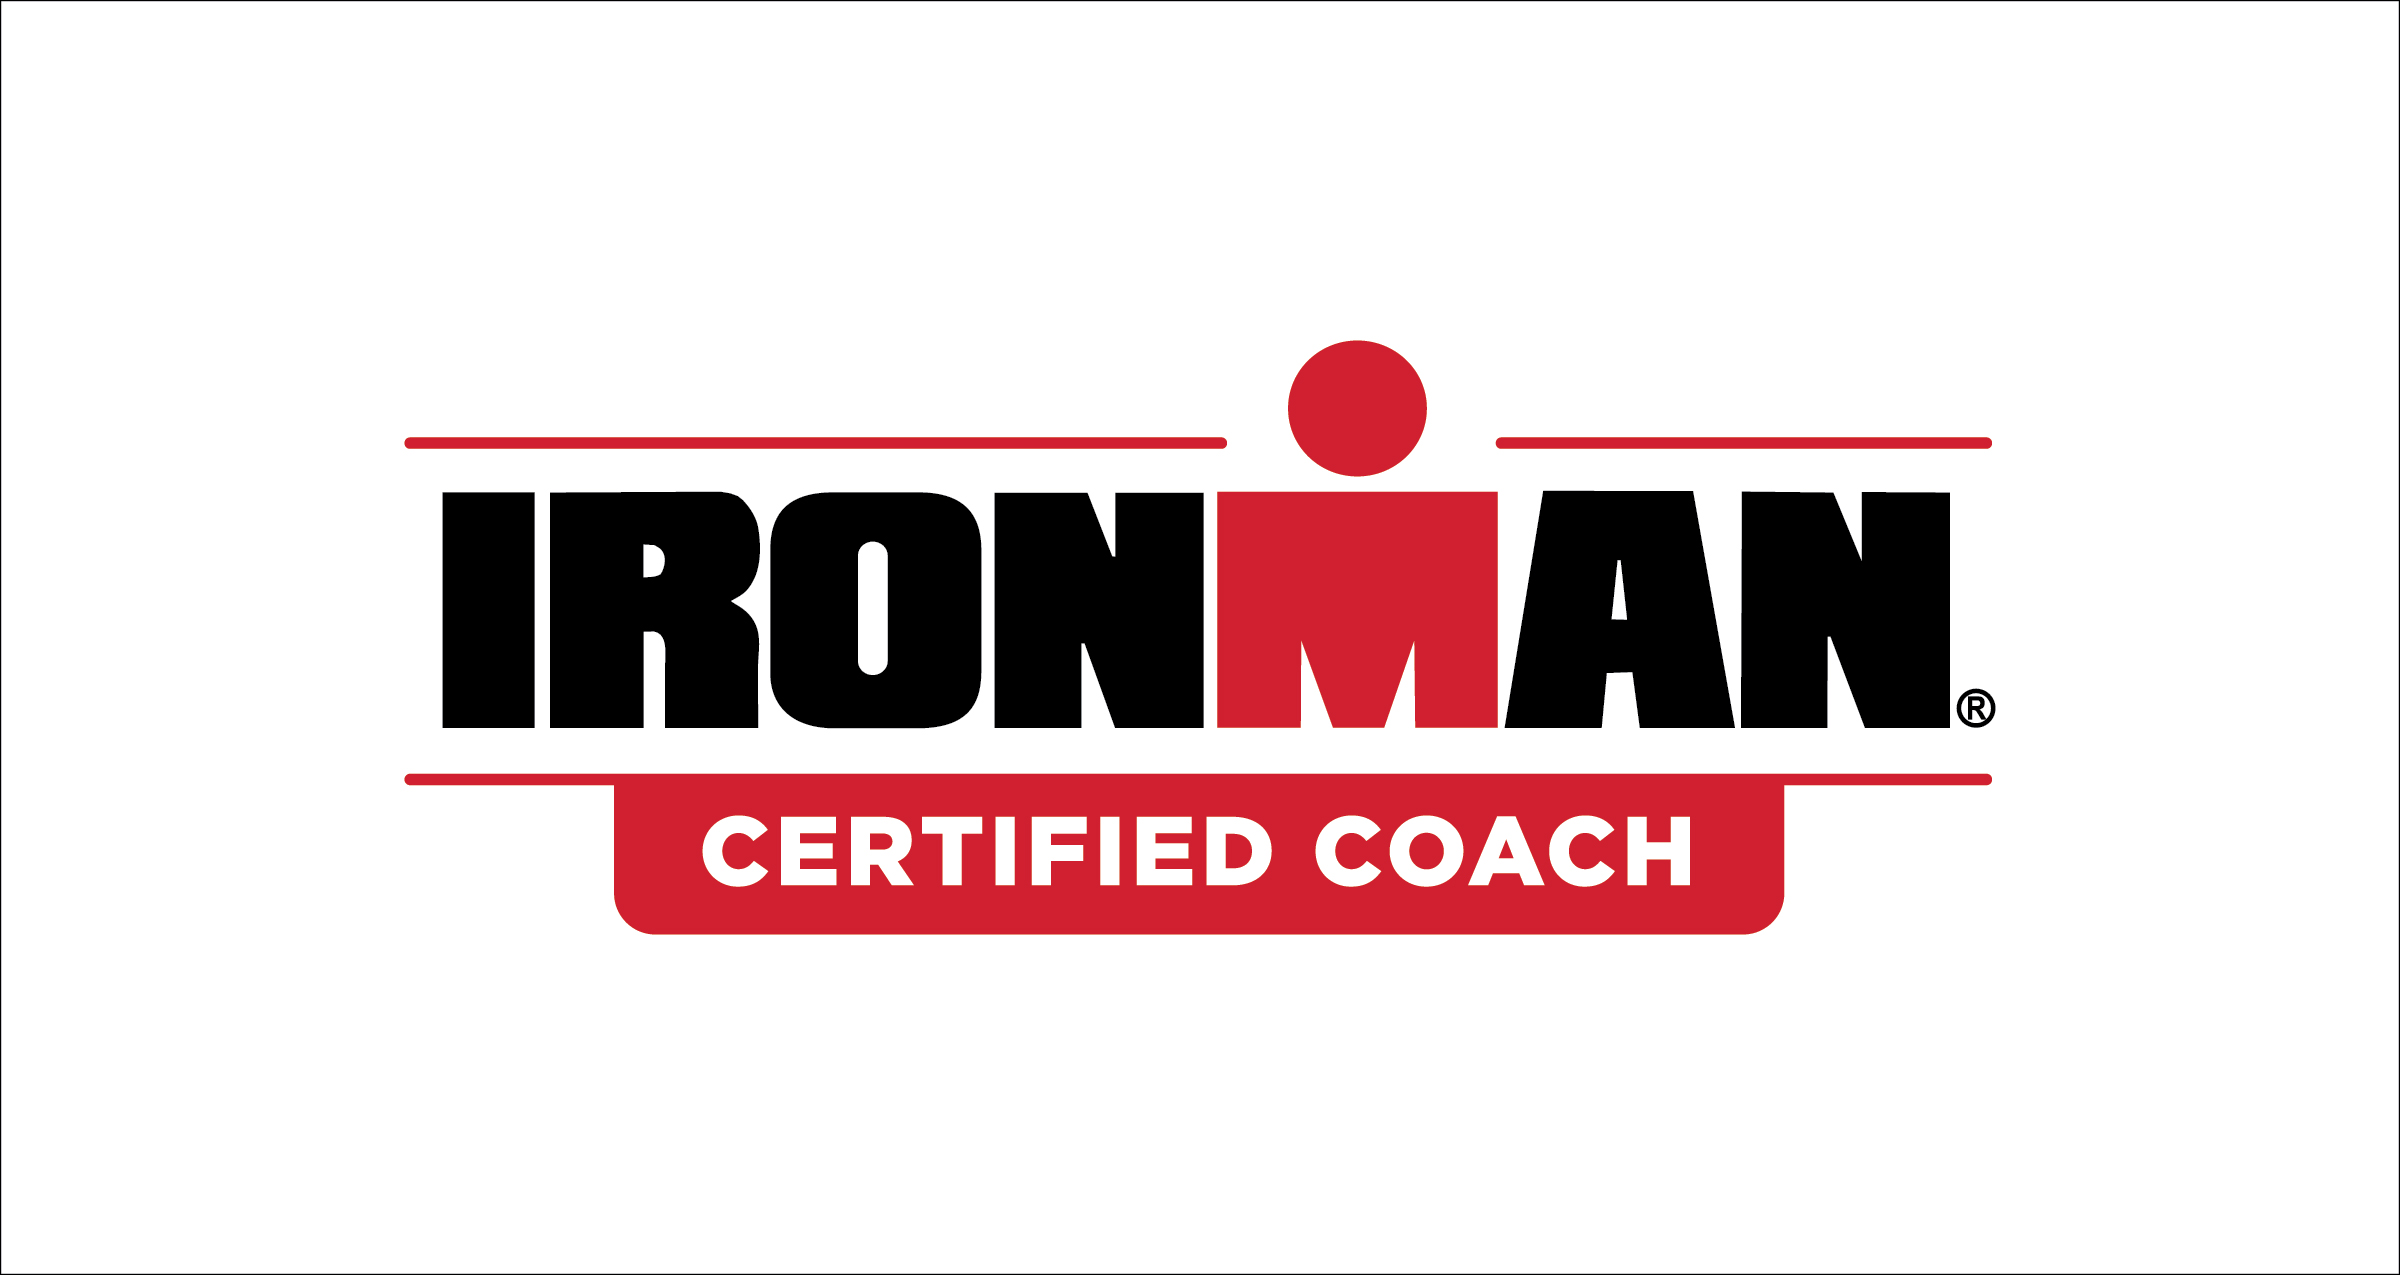 Ironman Certified Coach Logo